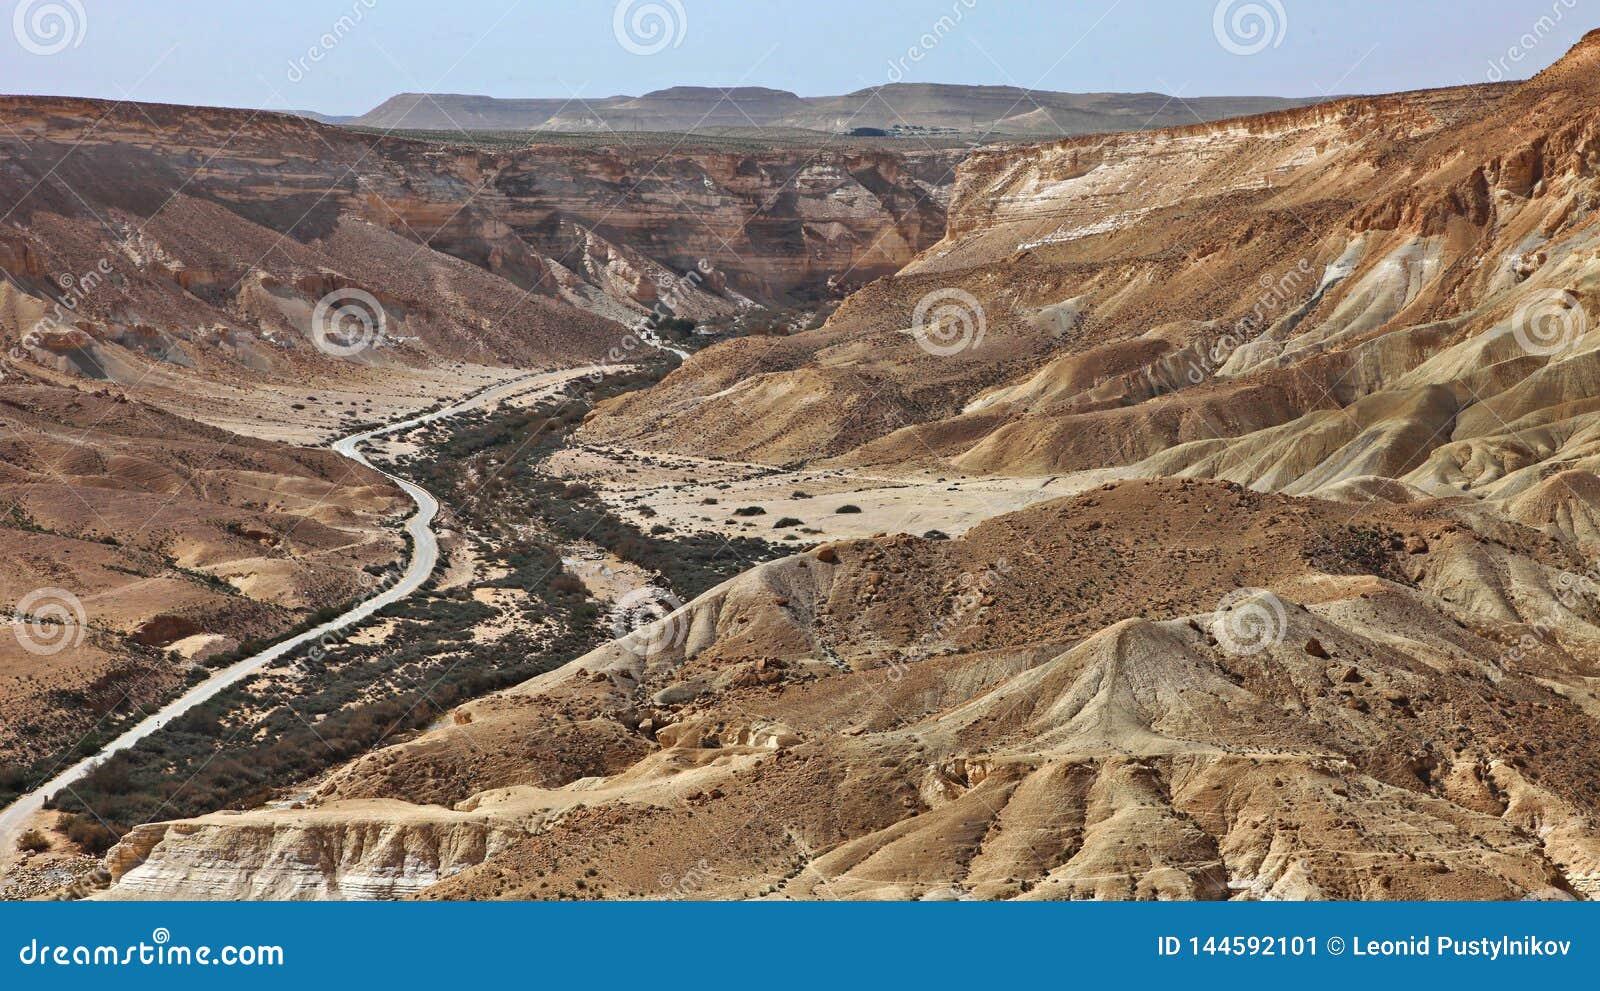 Machtesh Ramon - erosiekrater in de Negev-woestijn, het schilderachtigste natuurlijke oriëntatiepunt van Israël